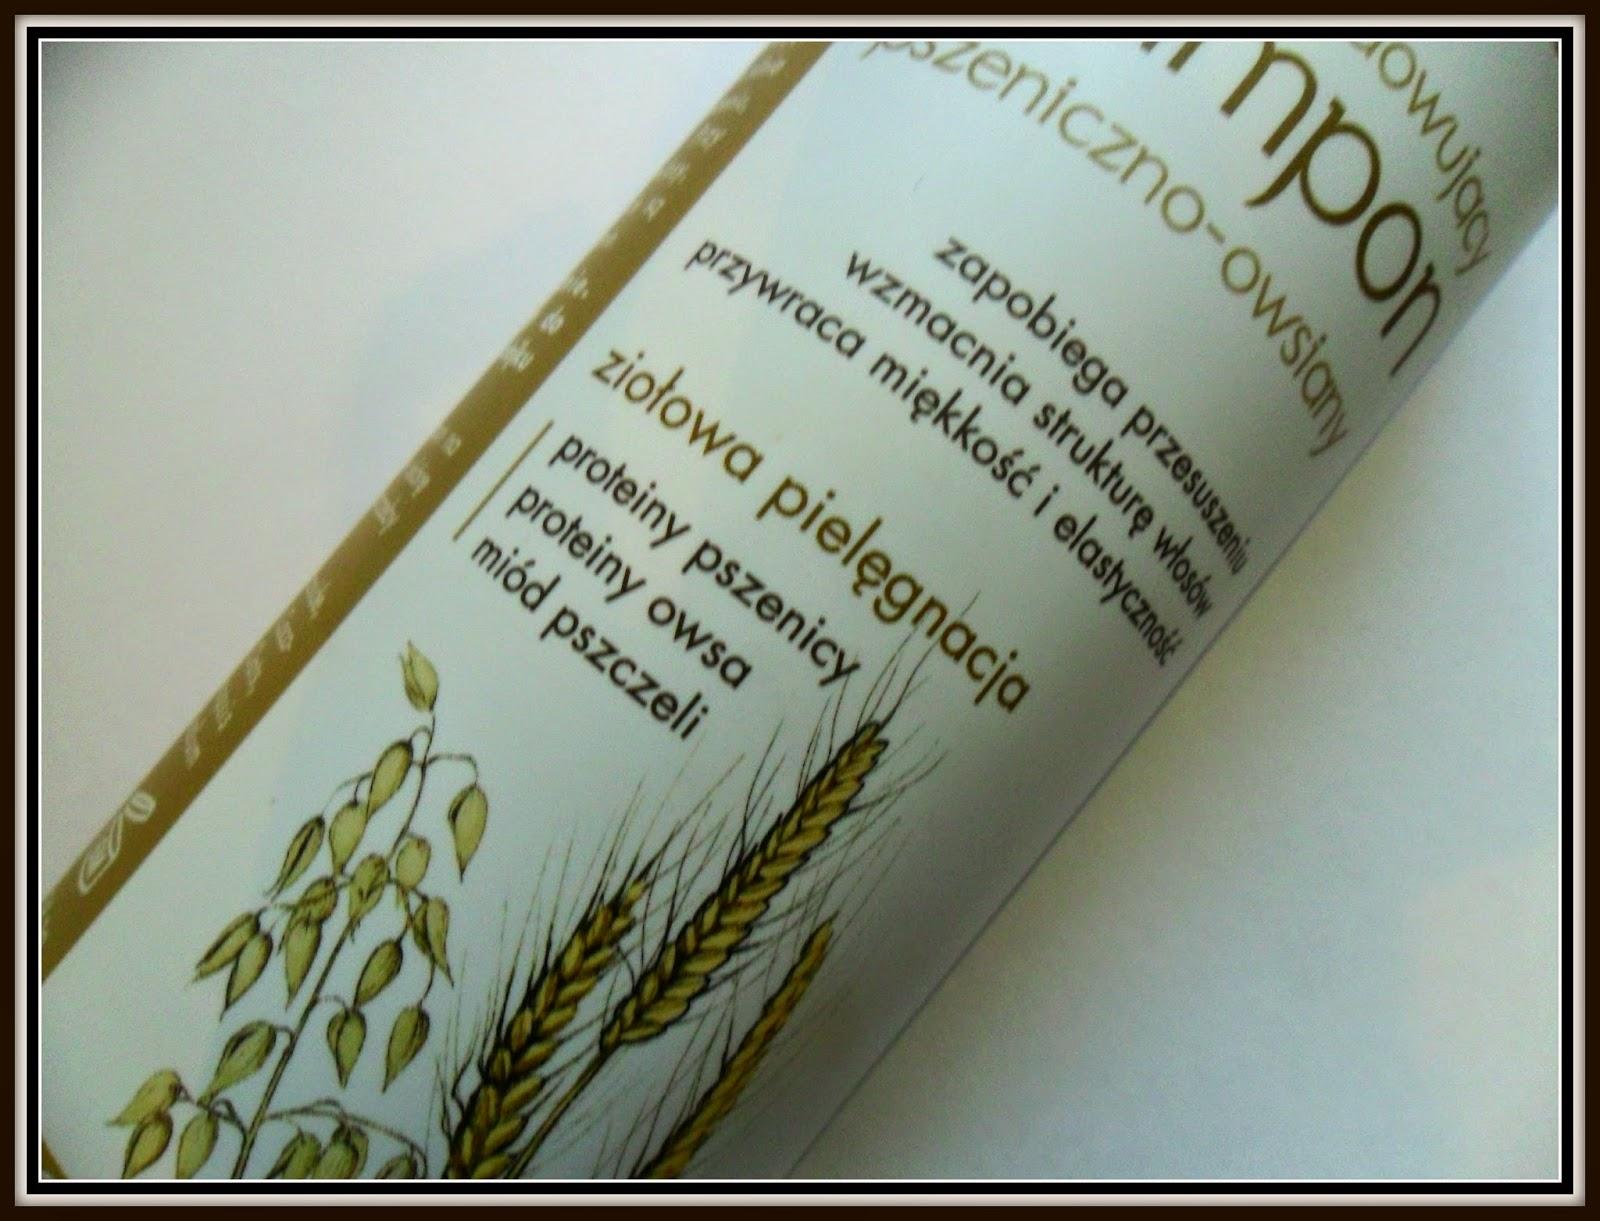 Nowe zastosowanie szamponu pszeniczno-owsianego Sylveco :)